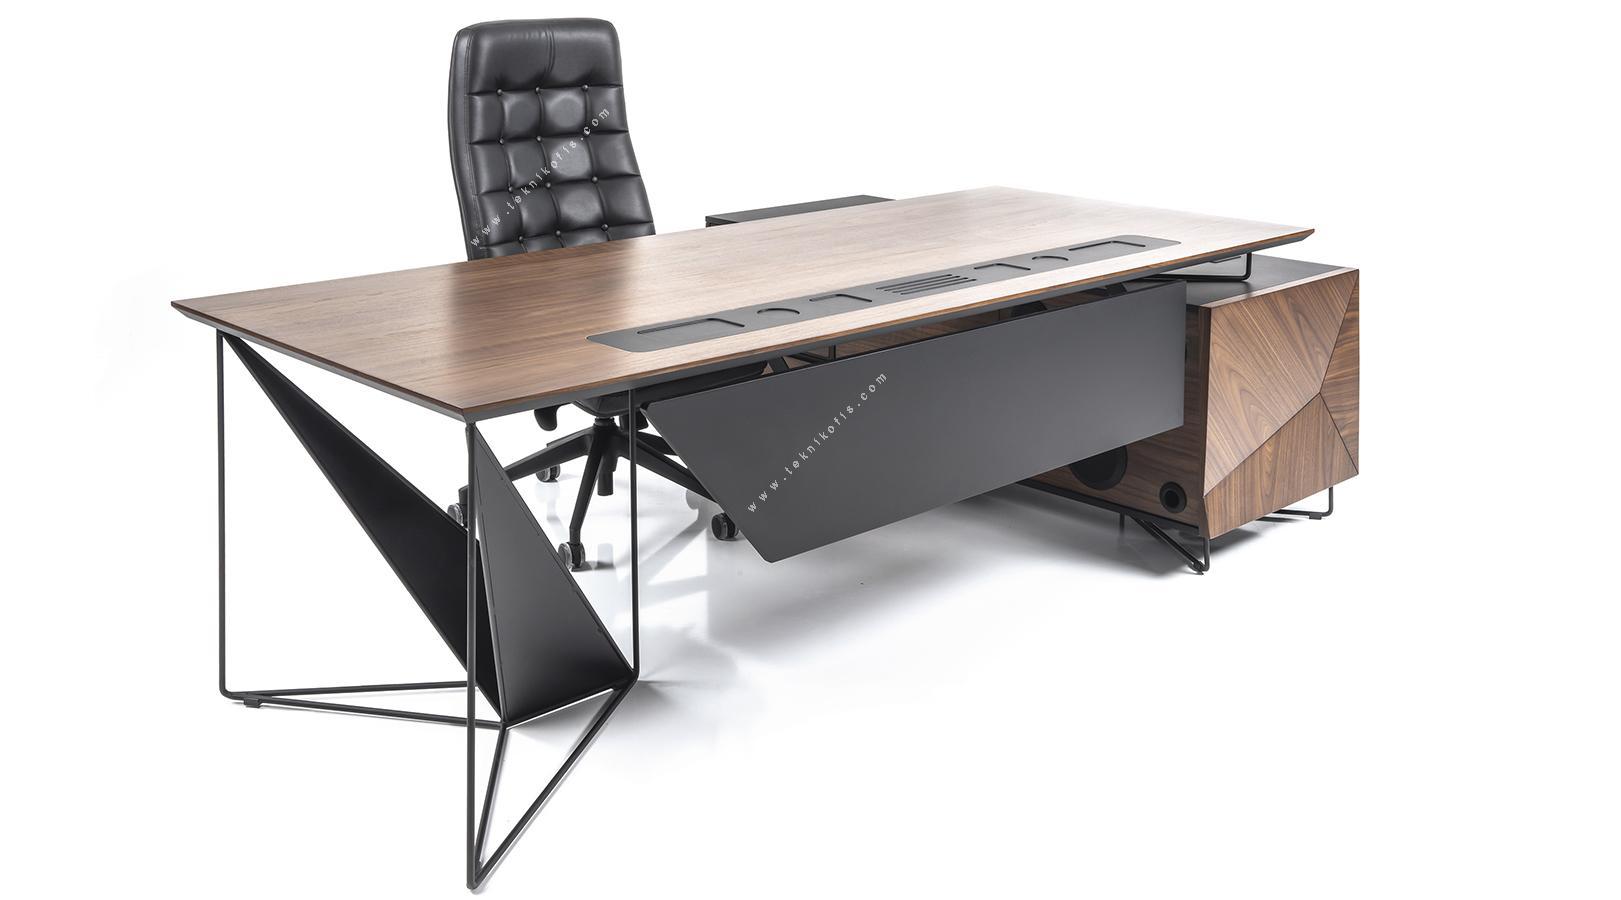 ployer etajerli yönetici masası